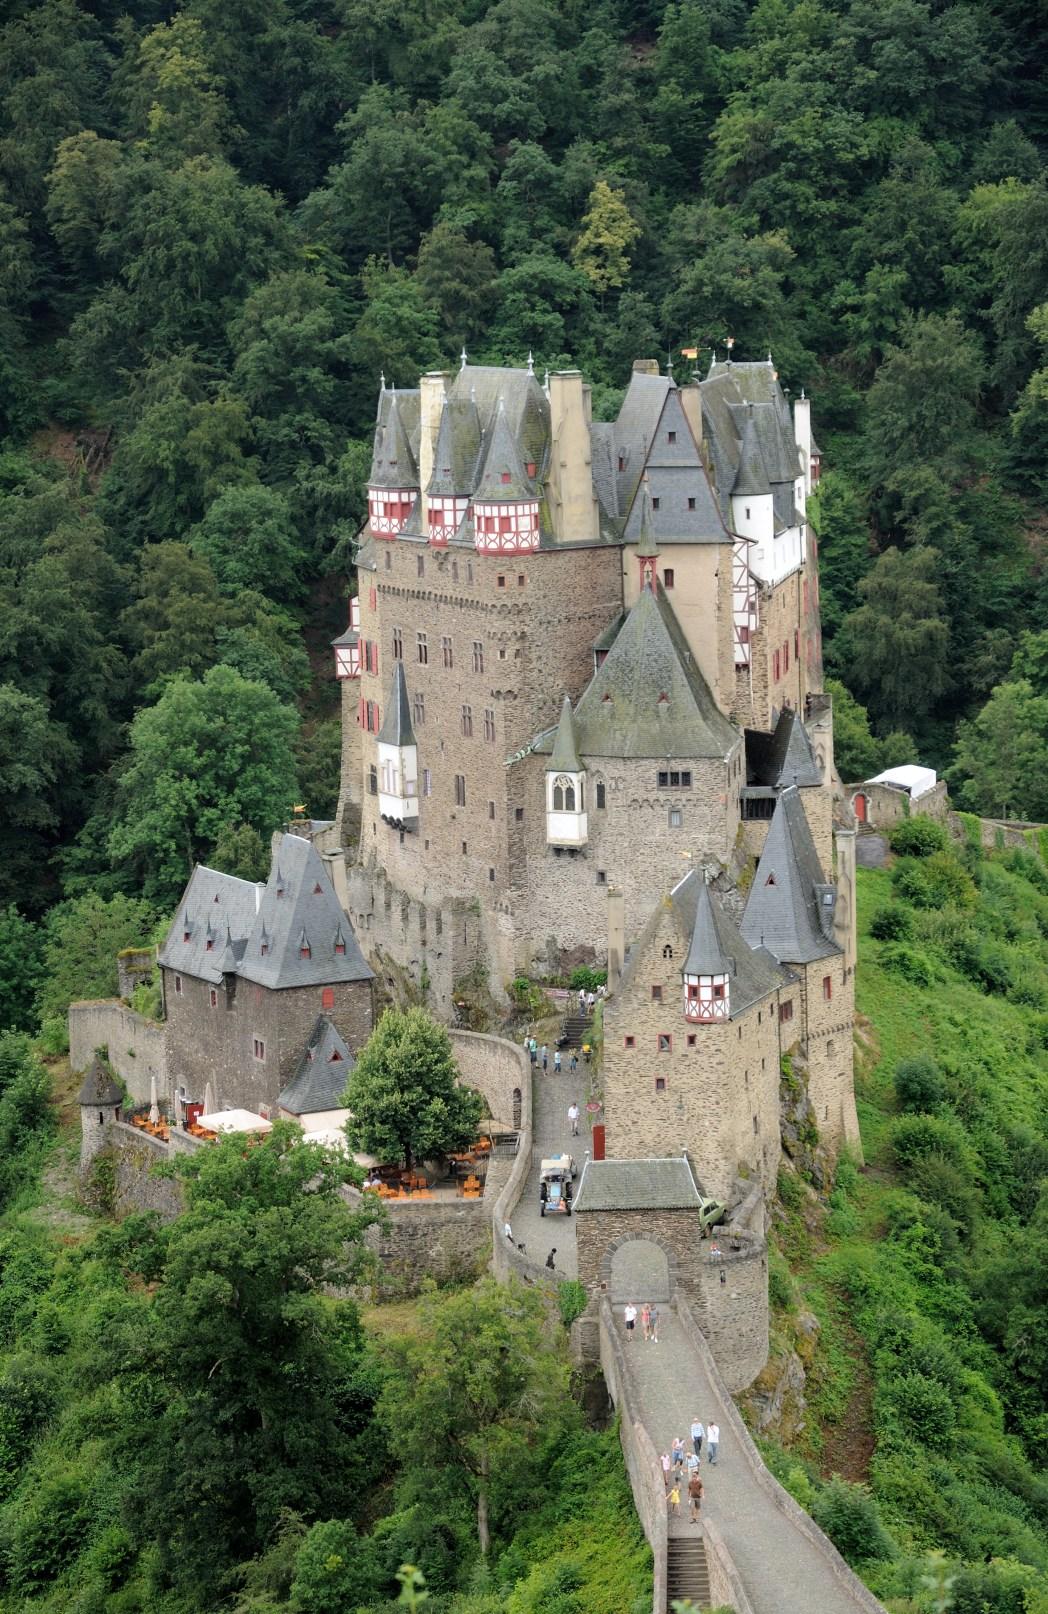 Burgen in Deutschland: Burg Eltz, Koblenz, Rheinland-Pfalz